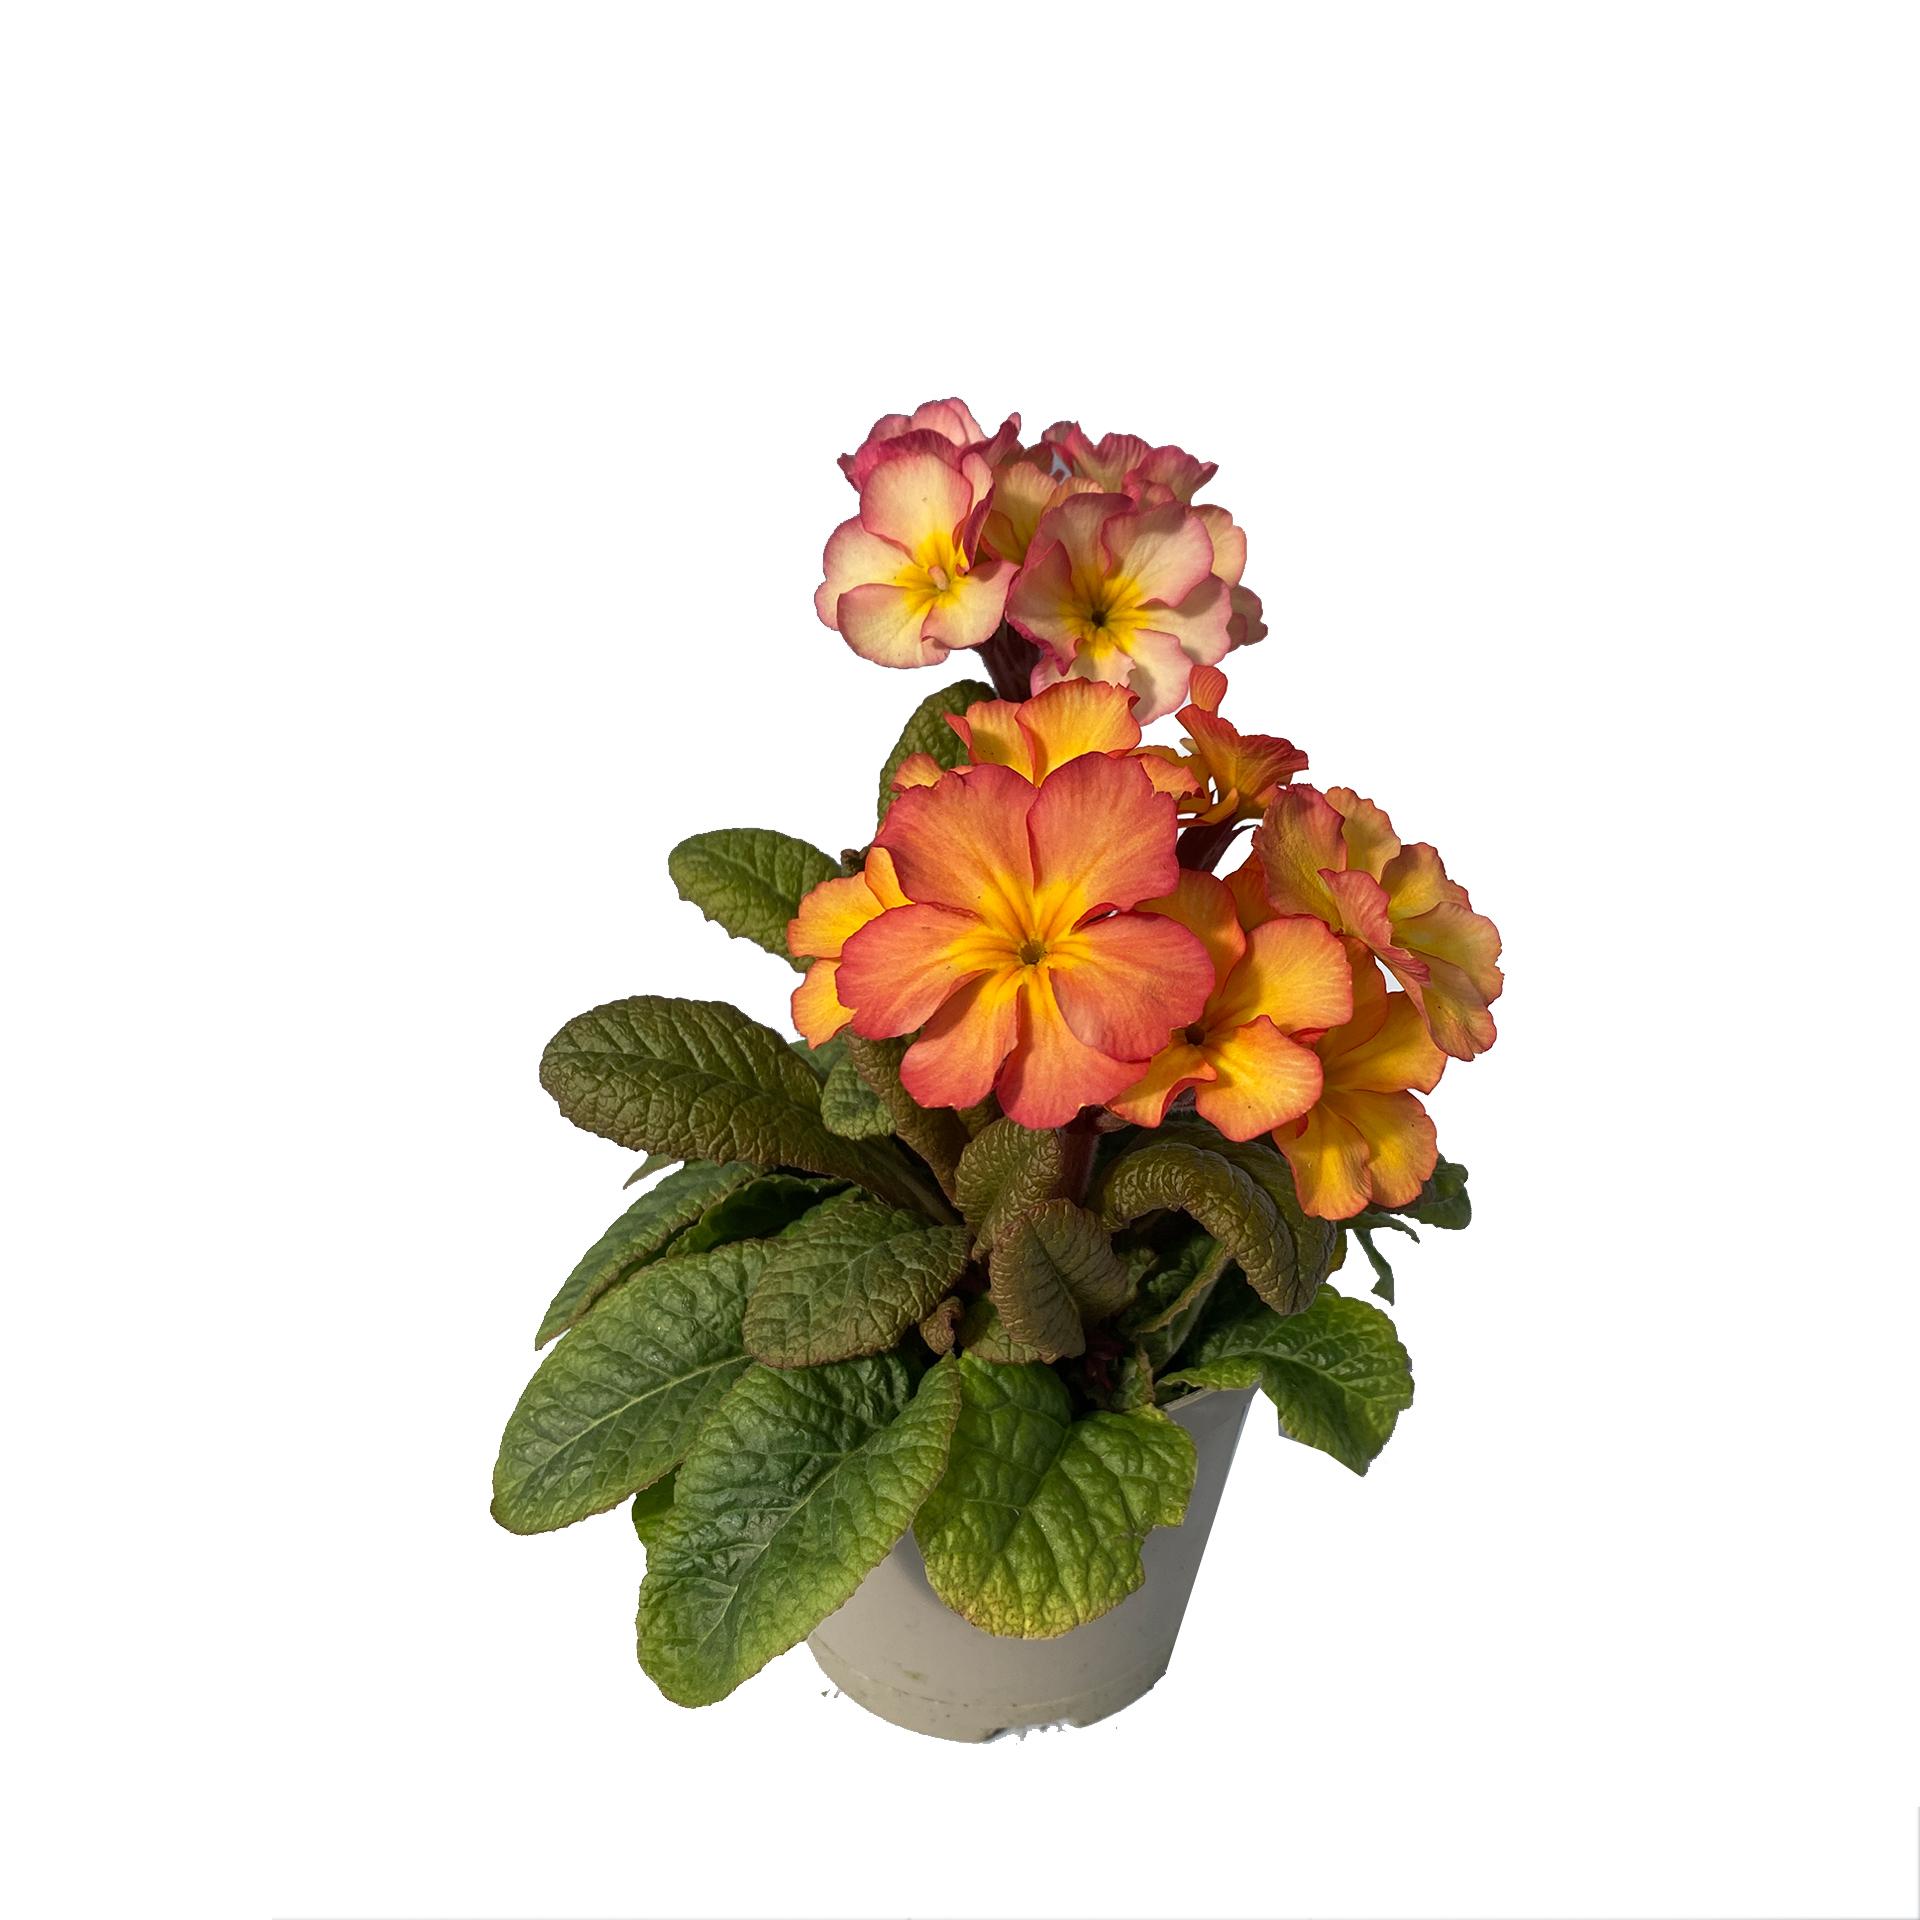 Hohe Schlüsselblume - Primula elatior, orange, 12cm Topf